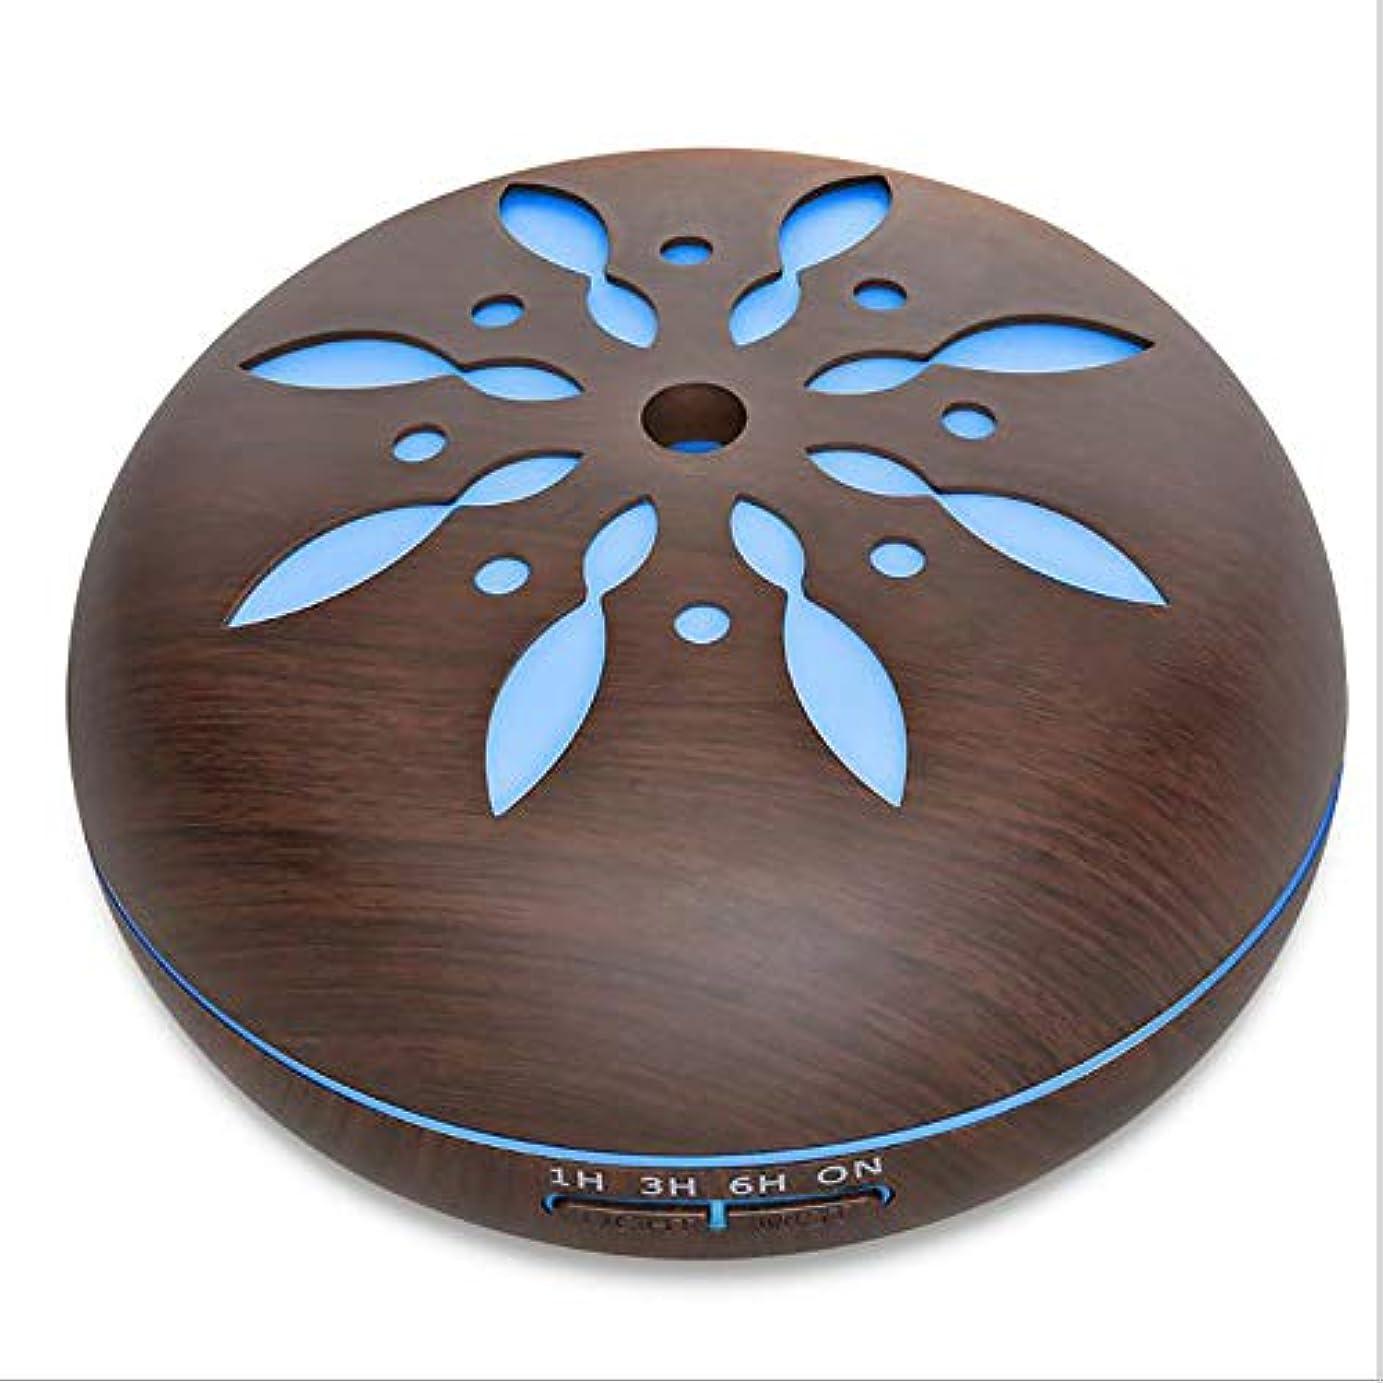 ミスト 超音波 香り ネブライザー、 電気の 香り 木製 ホーム 空気 加湿器、 550ml リモコン 木地 アロマテラピー エッセンシャルオイル 香り ディフューザー,Petals1dark